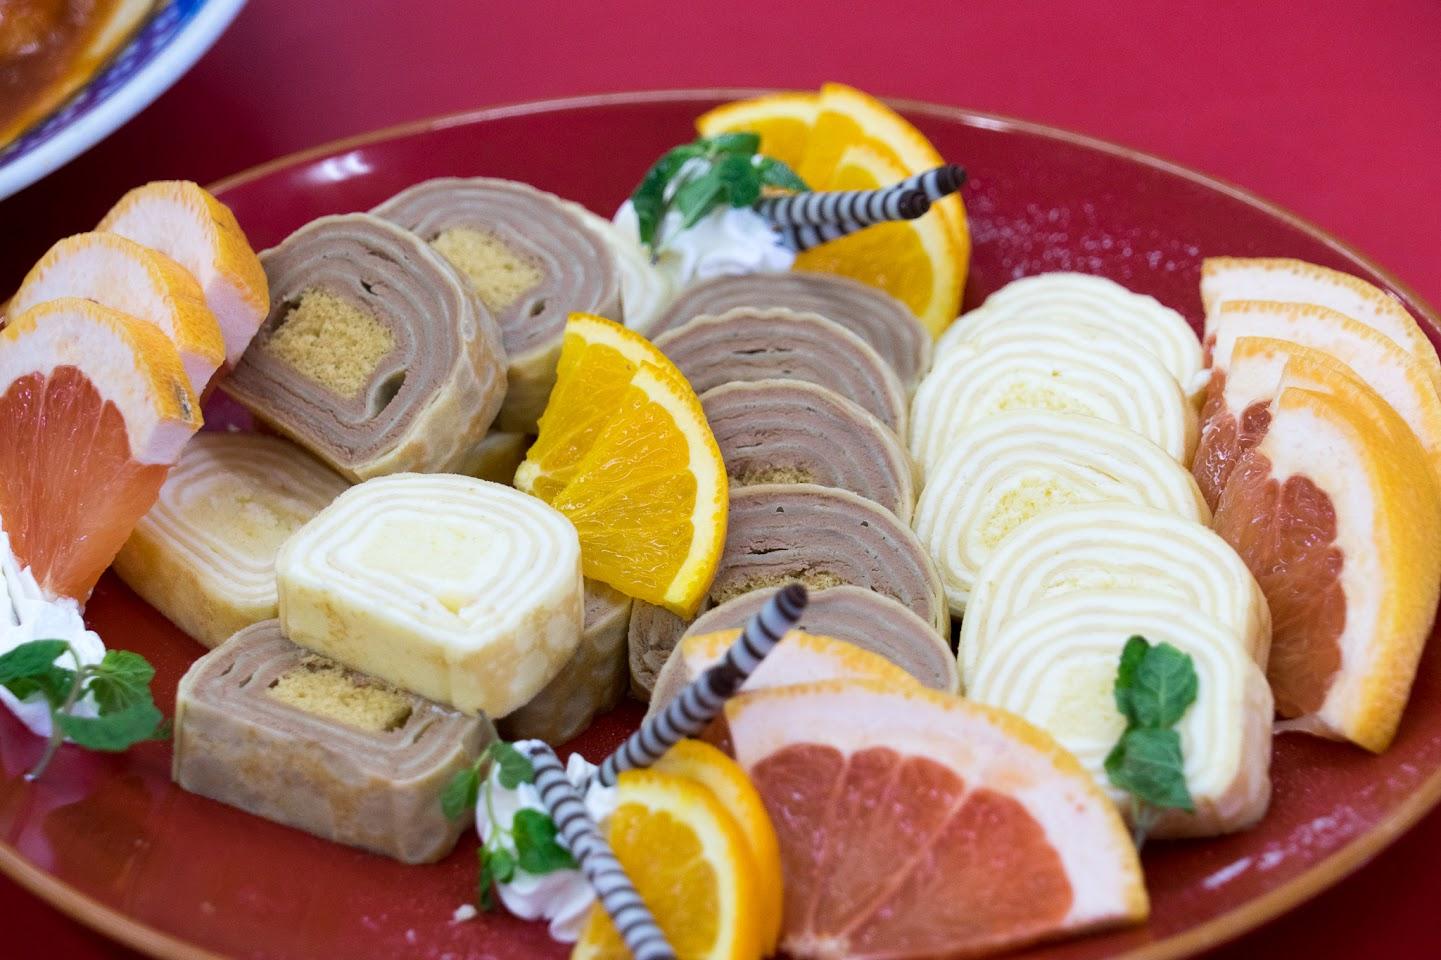 ミルクレープロールケーキ2種・フルーツ・ミント